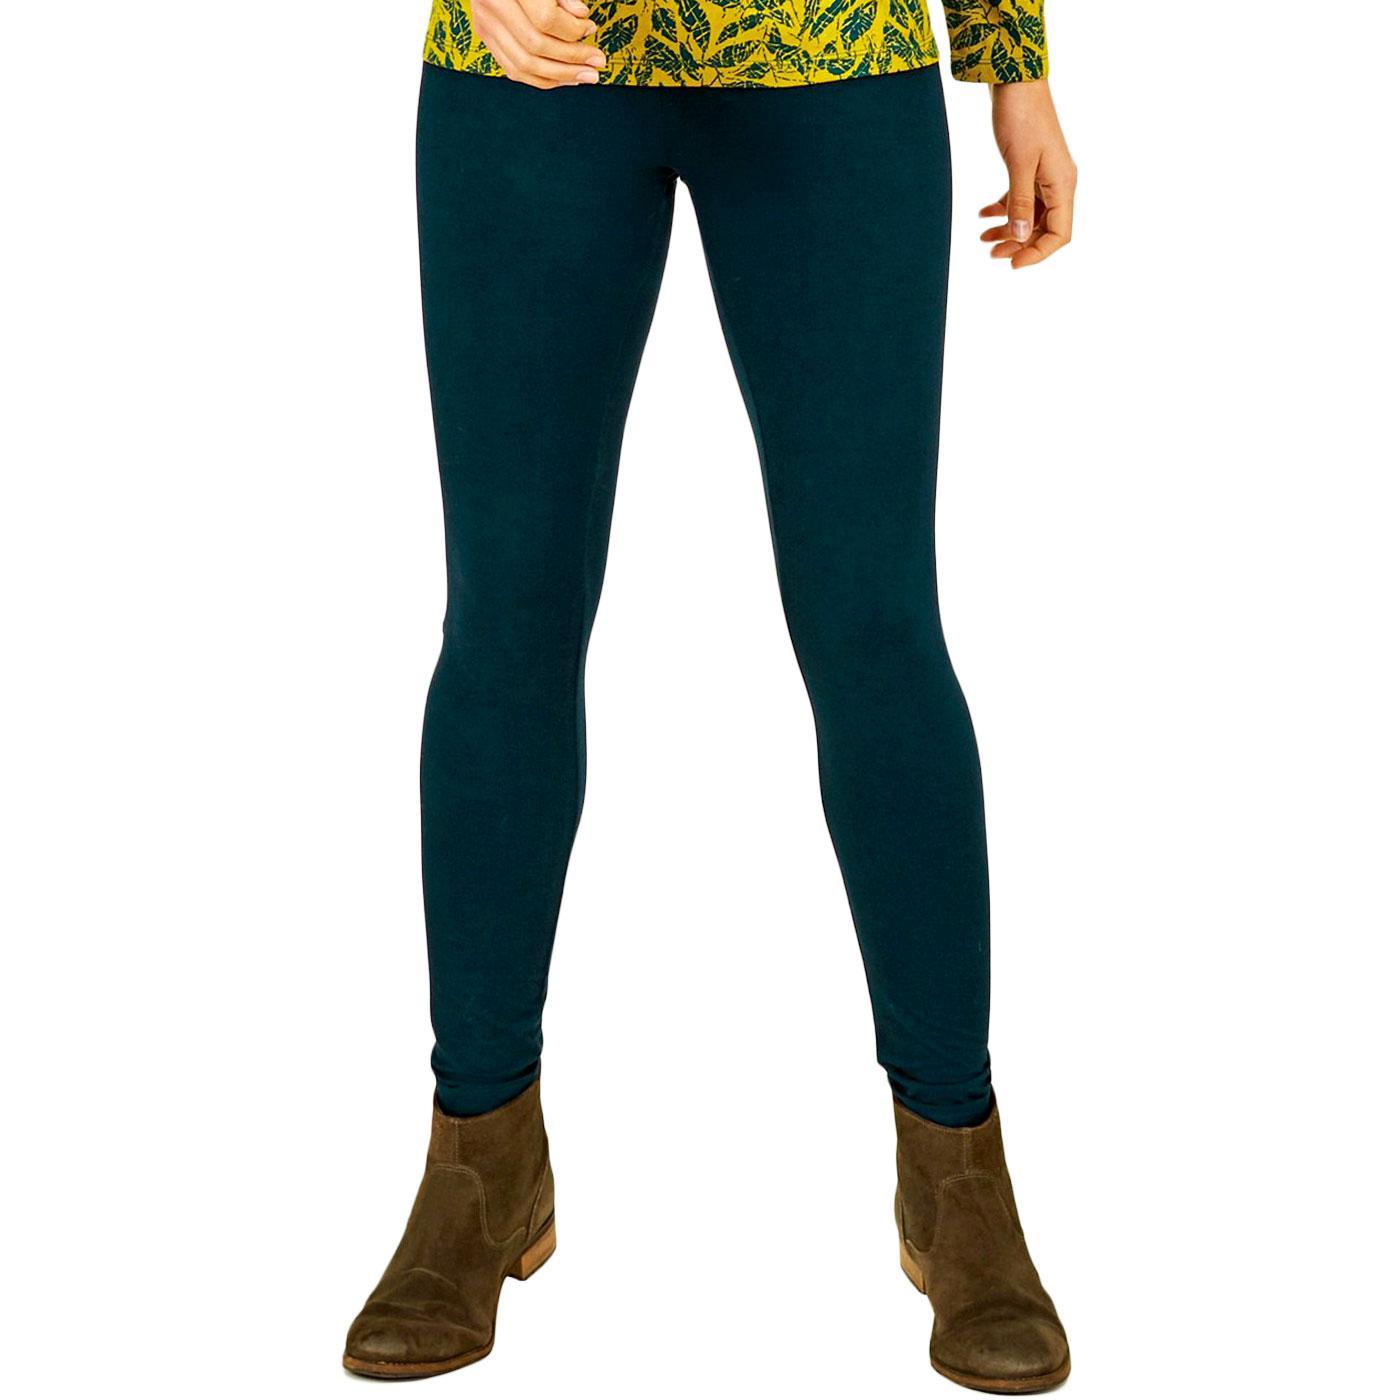 NOMADS Women's Organic Cotton Leggings Fir Green